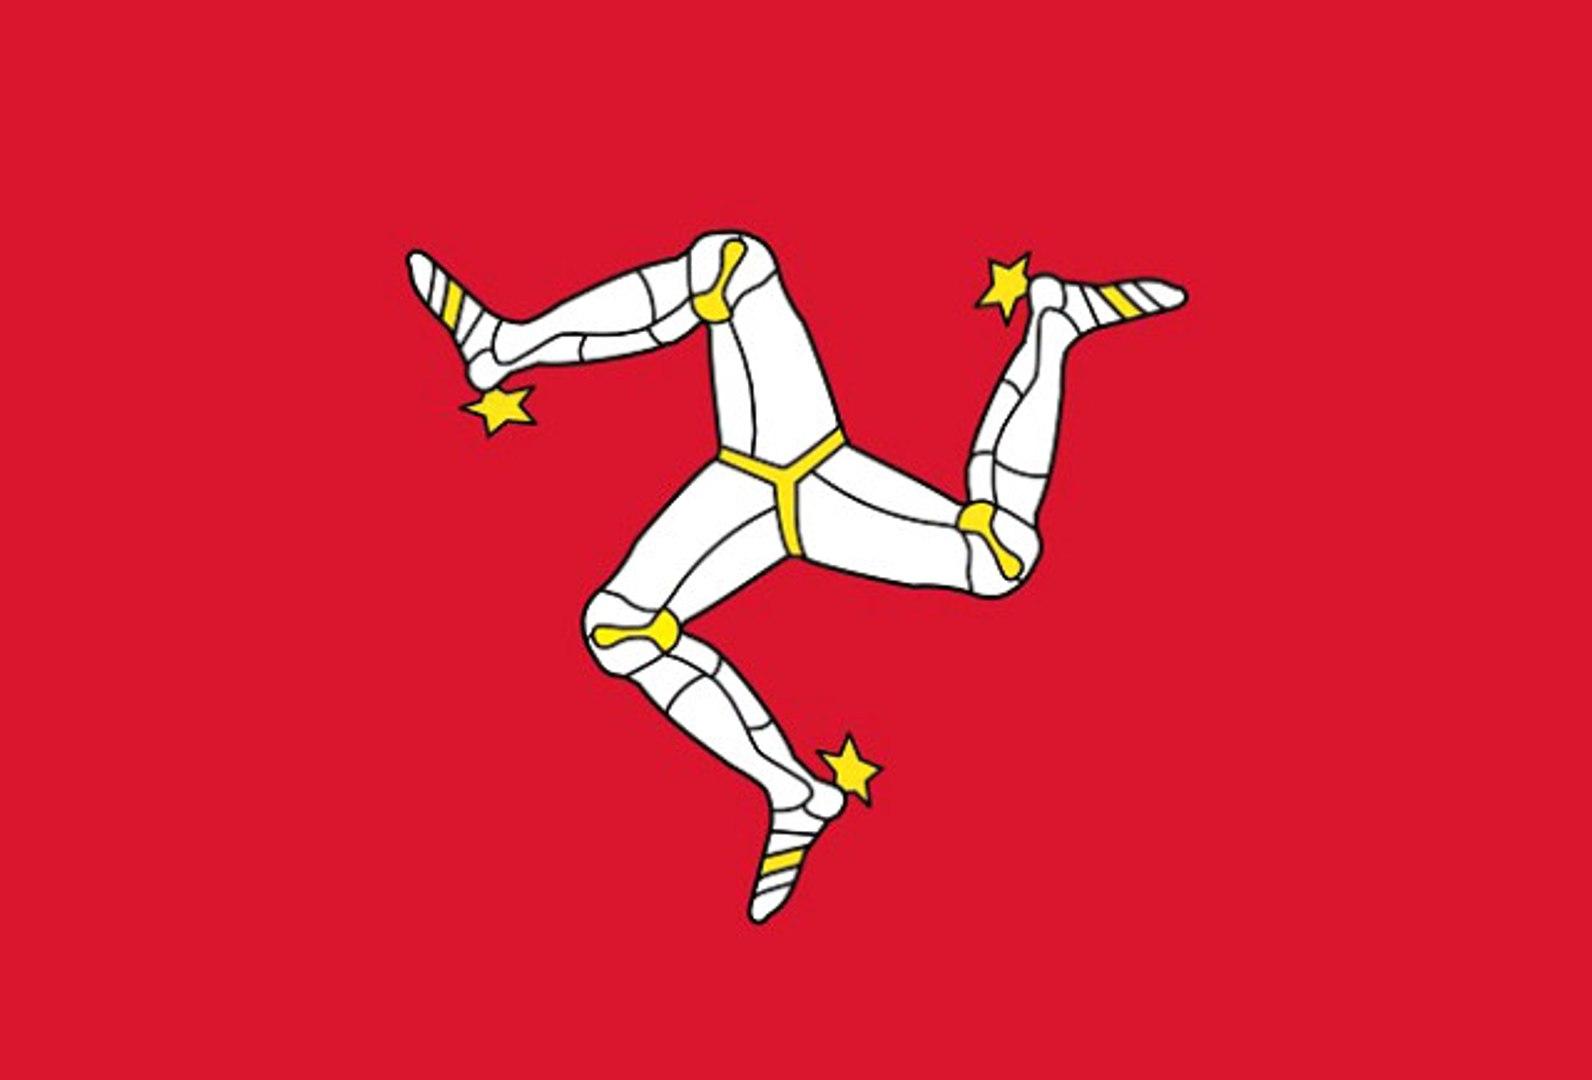 Man Adası'nın Başkenti ve Para Birimi Nedir? Man Adası'nın Bayrağı Nasıldır?